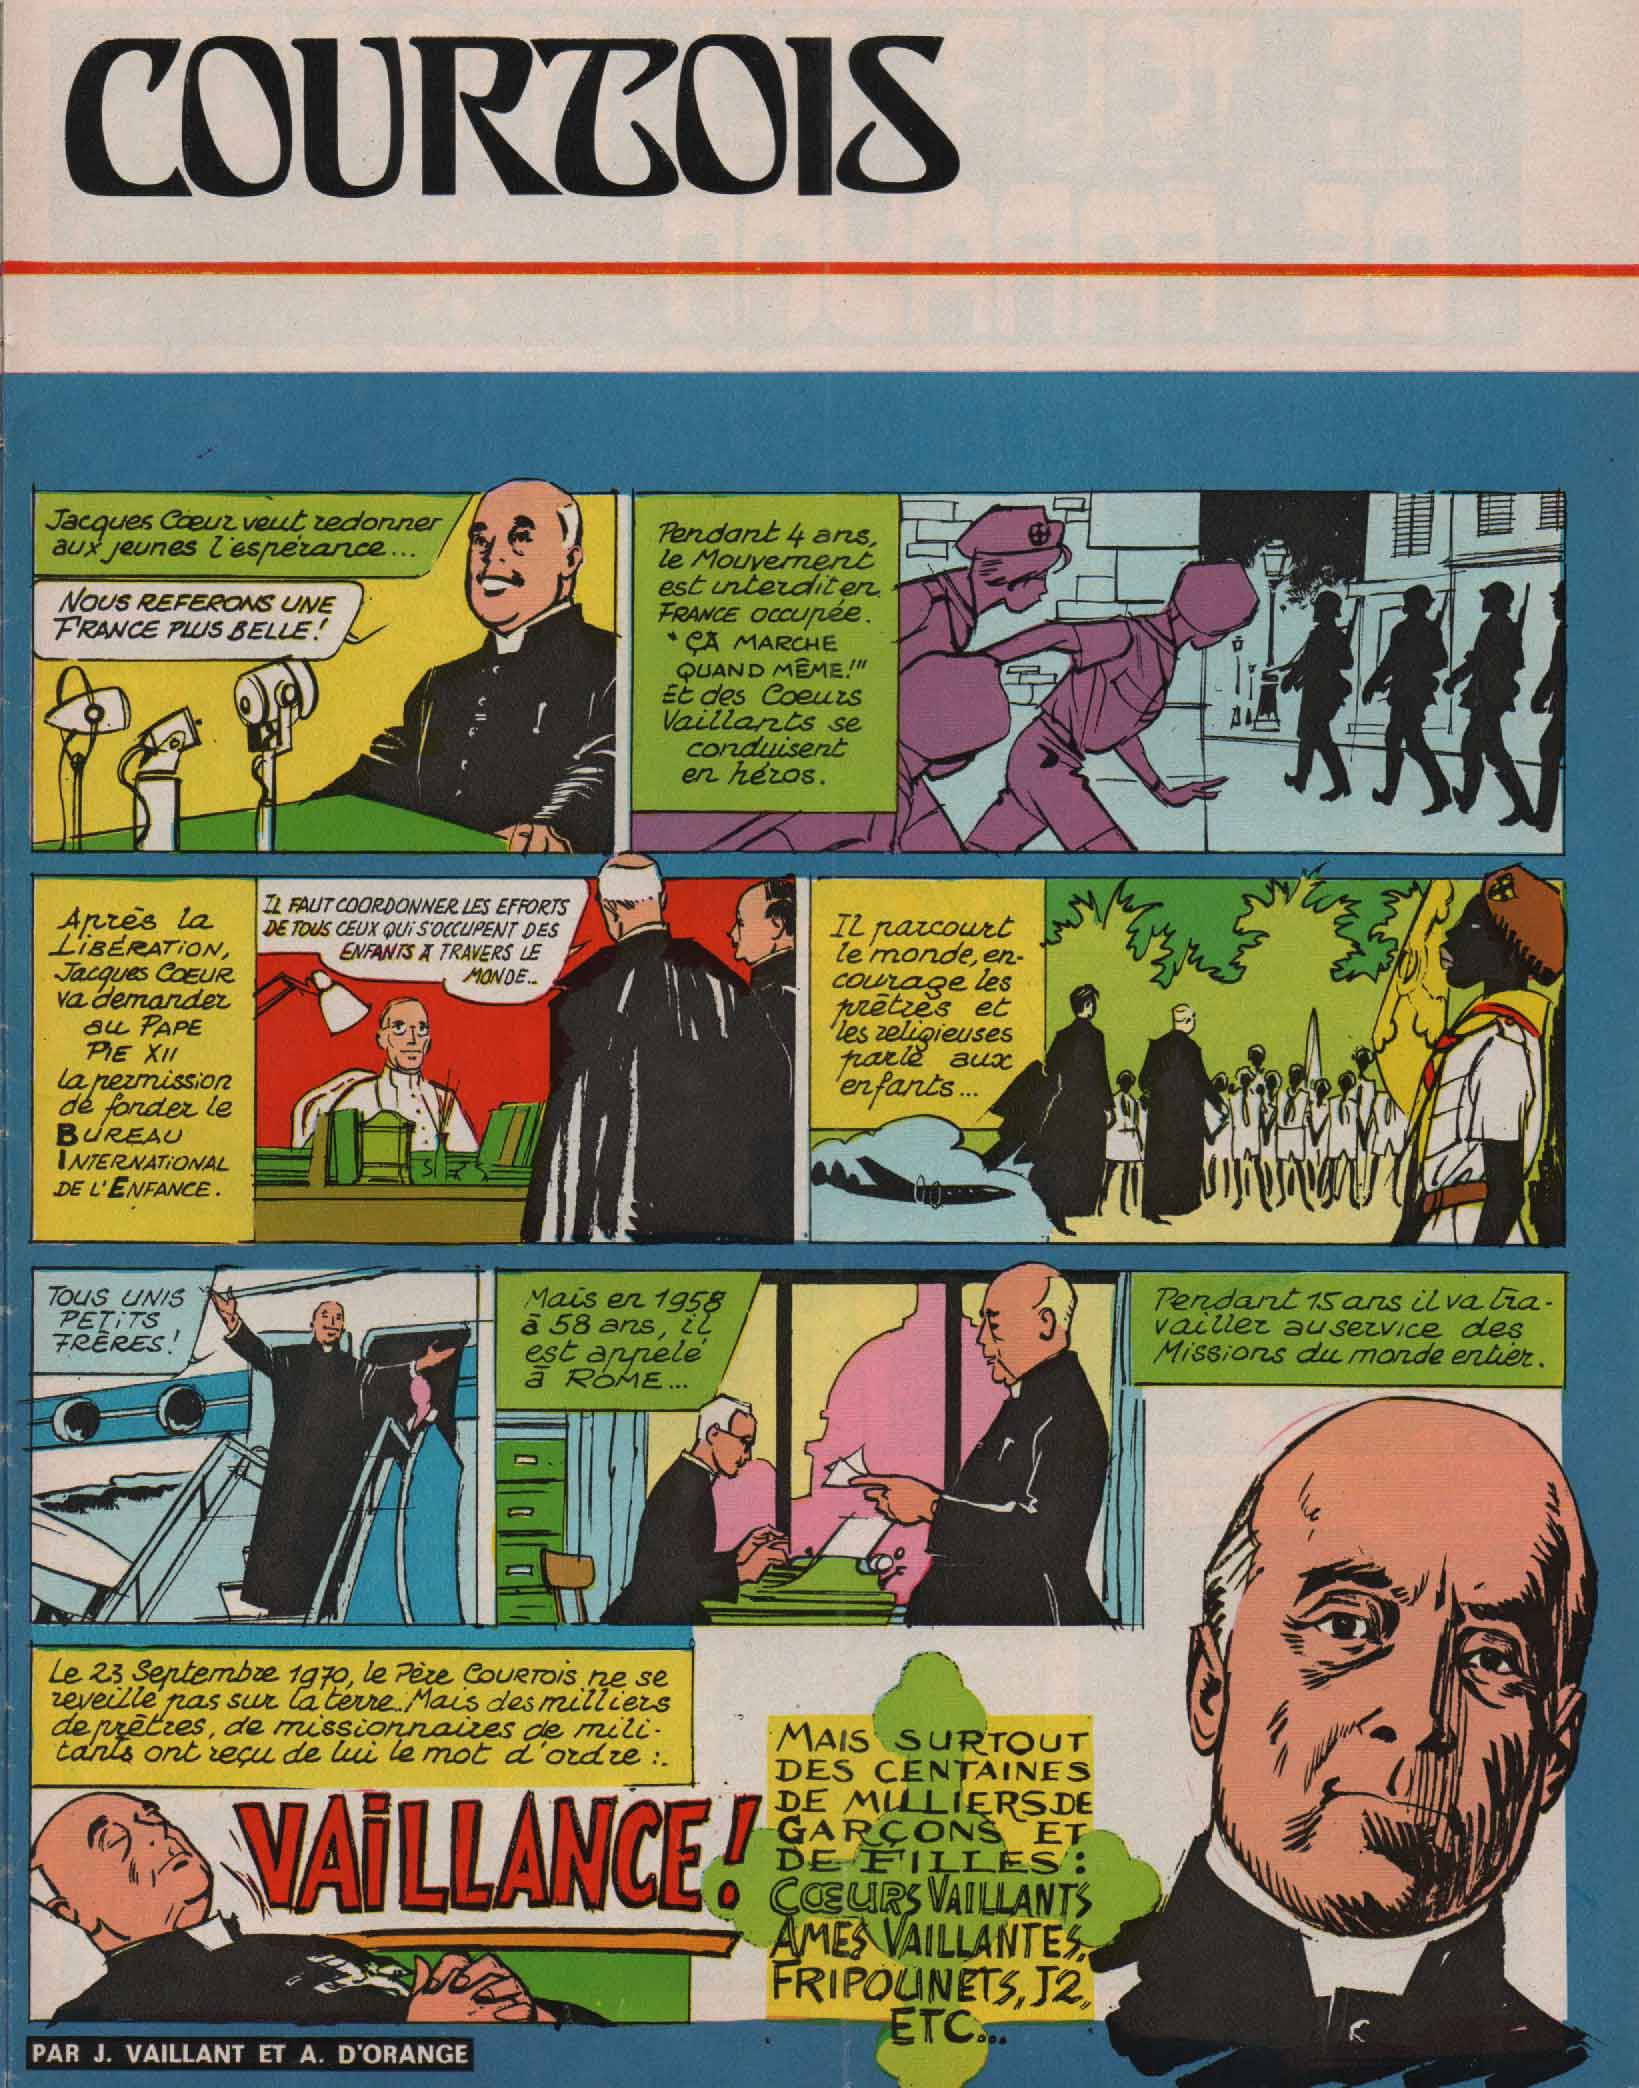 « Gaston Courtois » Fripounet n° 20 (18/05/1972).